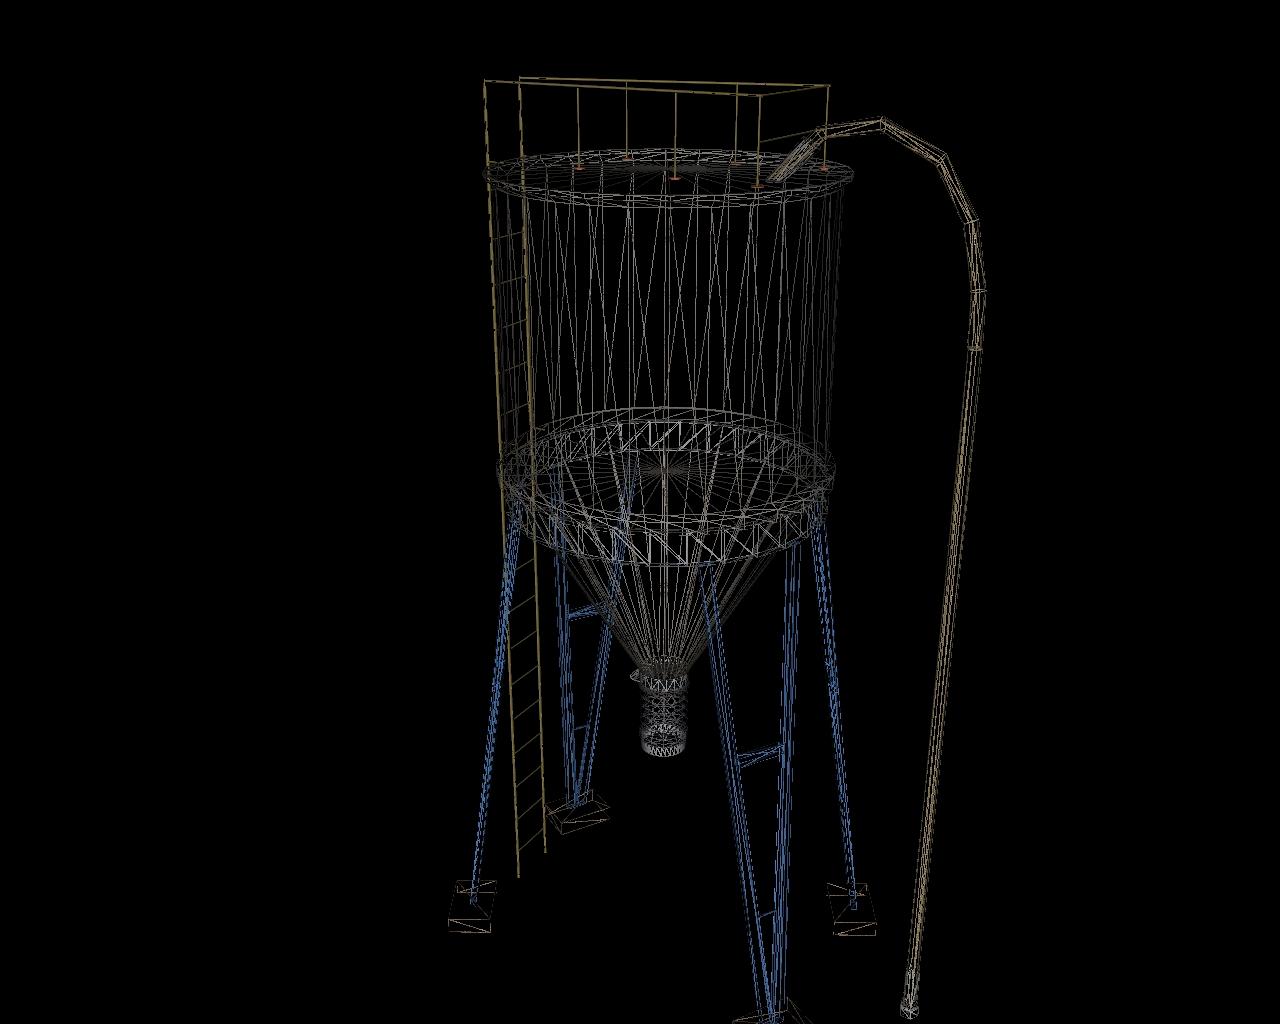 silo 3d model 3ds 164148